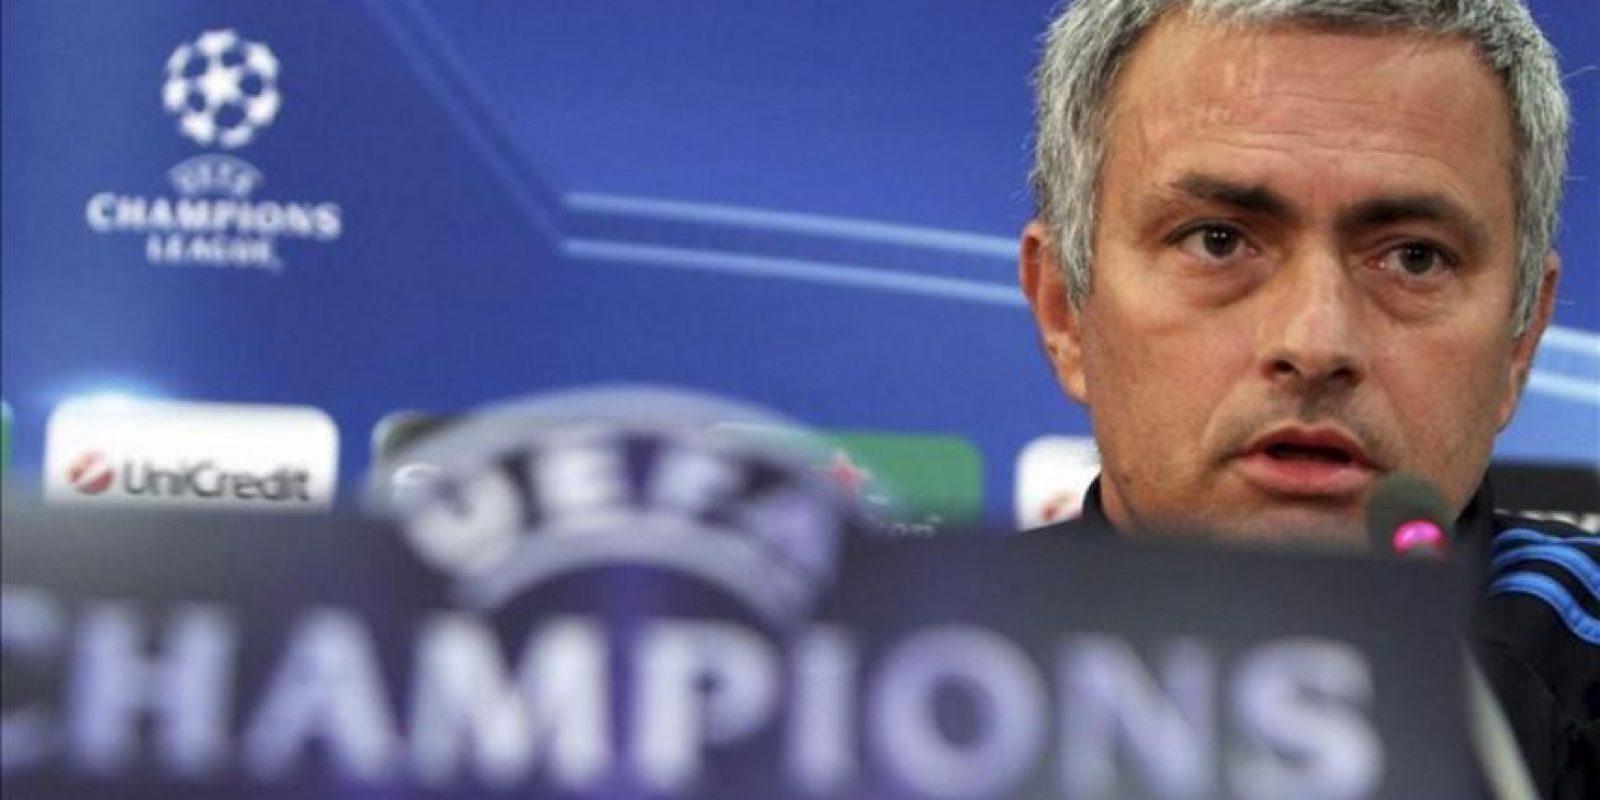 El entrenador del Real Madrid, el portugués José Mourinho, comparece hoy en una rueda de prensa en Nicosia, Chipre. El Real Madrid se enfrentará mañana al Apoel de Nicosia en partido de ida de cuartos de final de la Liga de Campeones. EFE